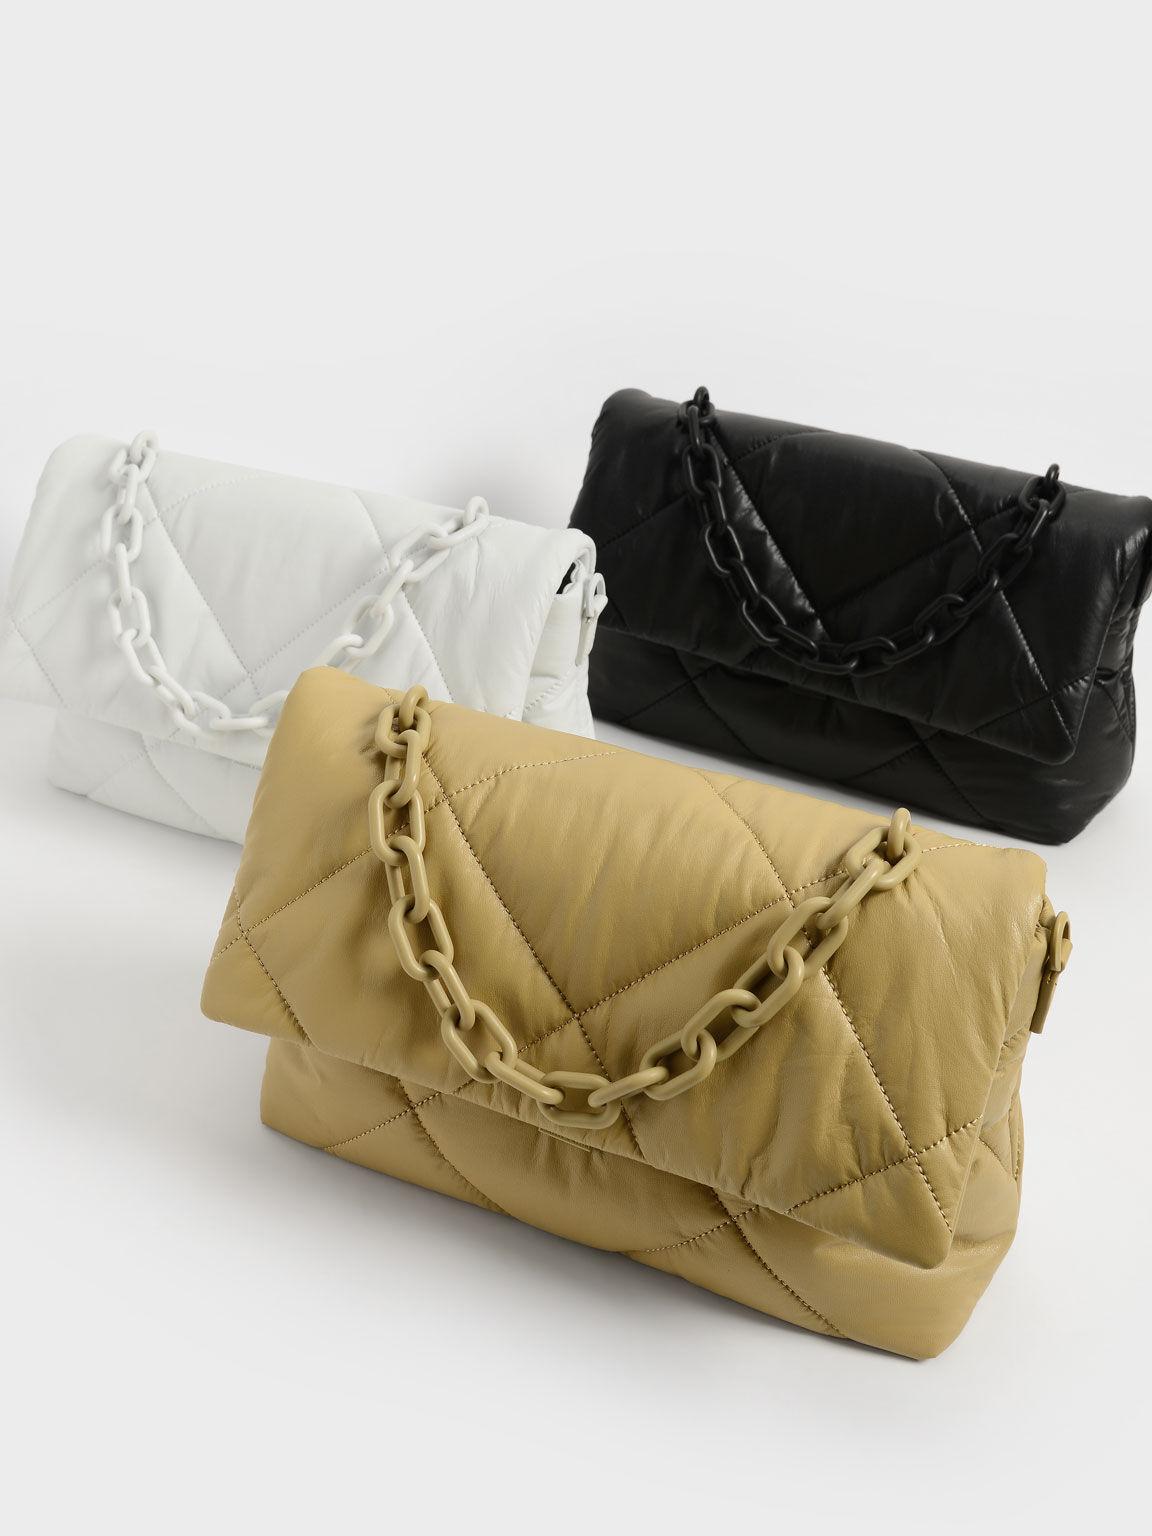 Puffer Chain Shoulder Bag, Sand, hi-res